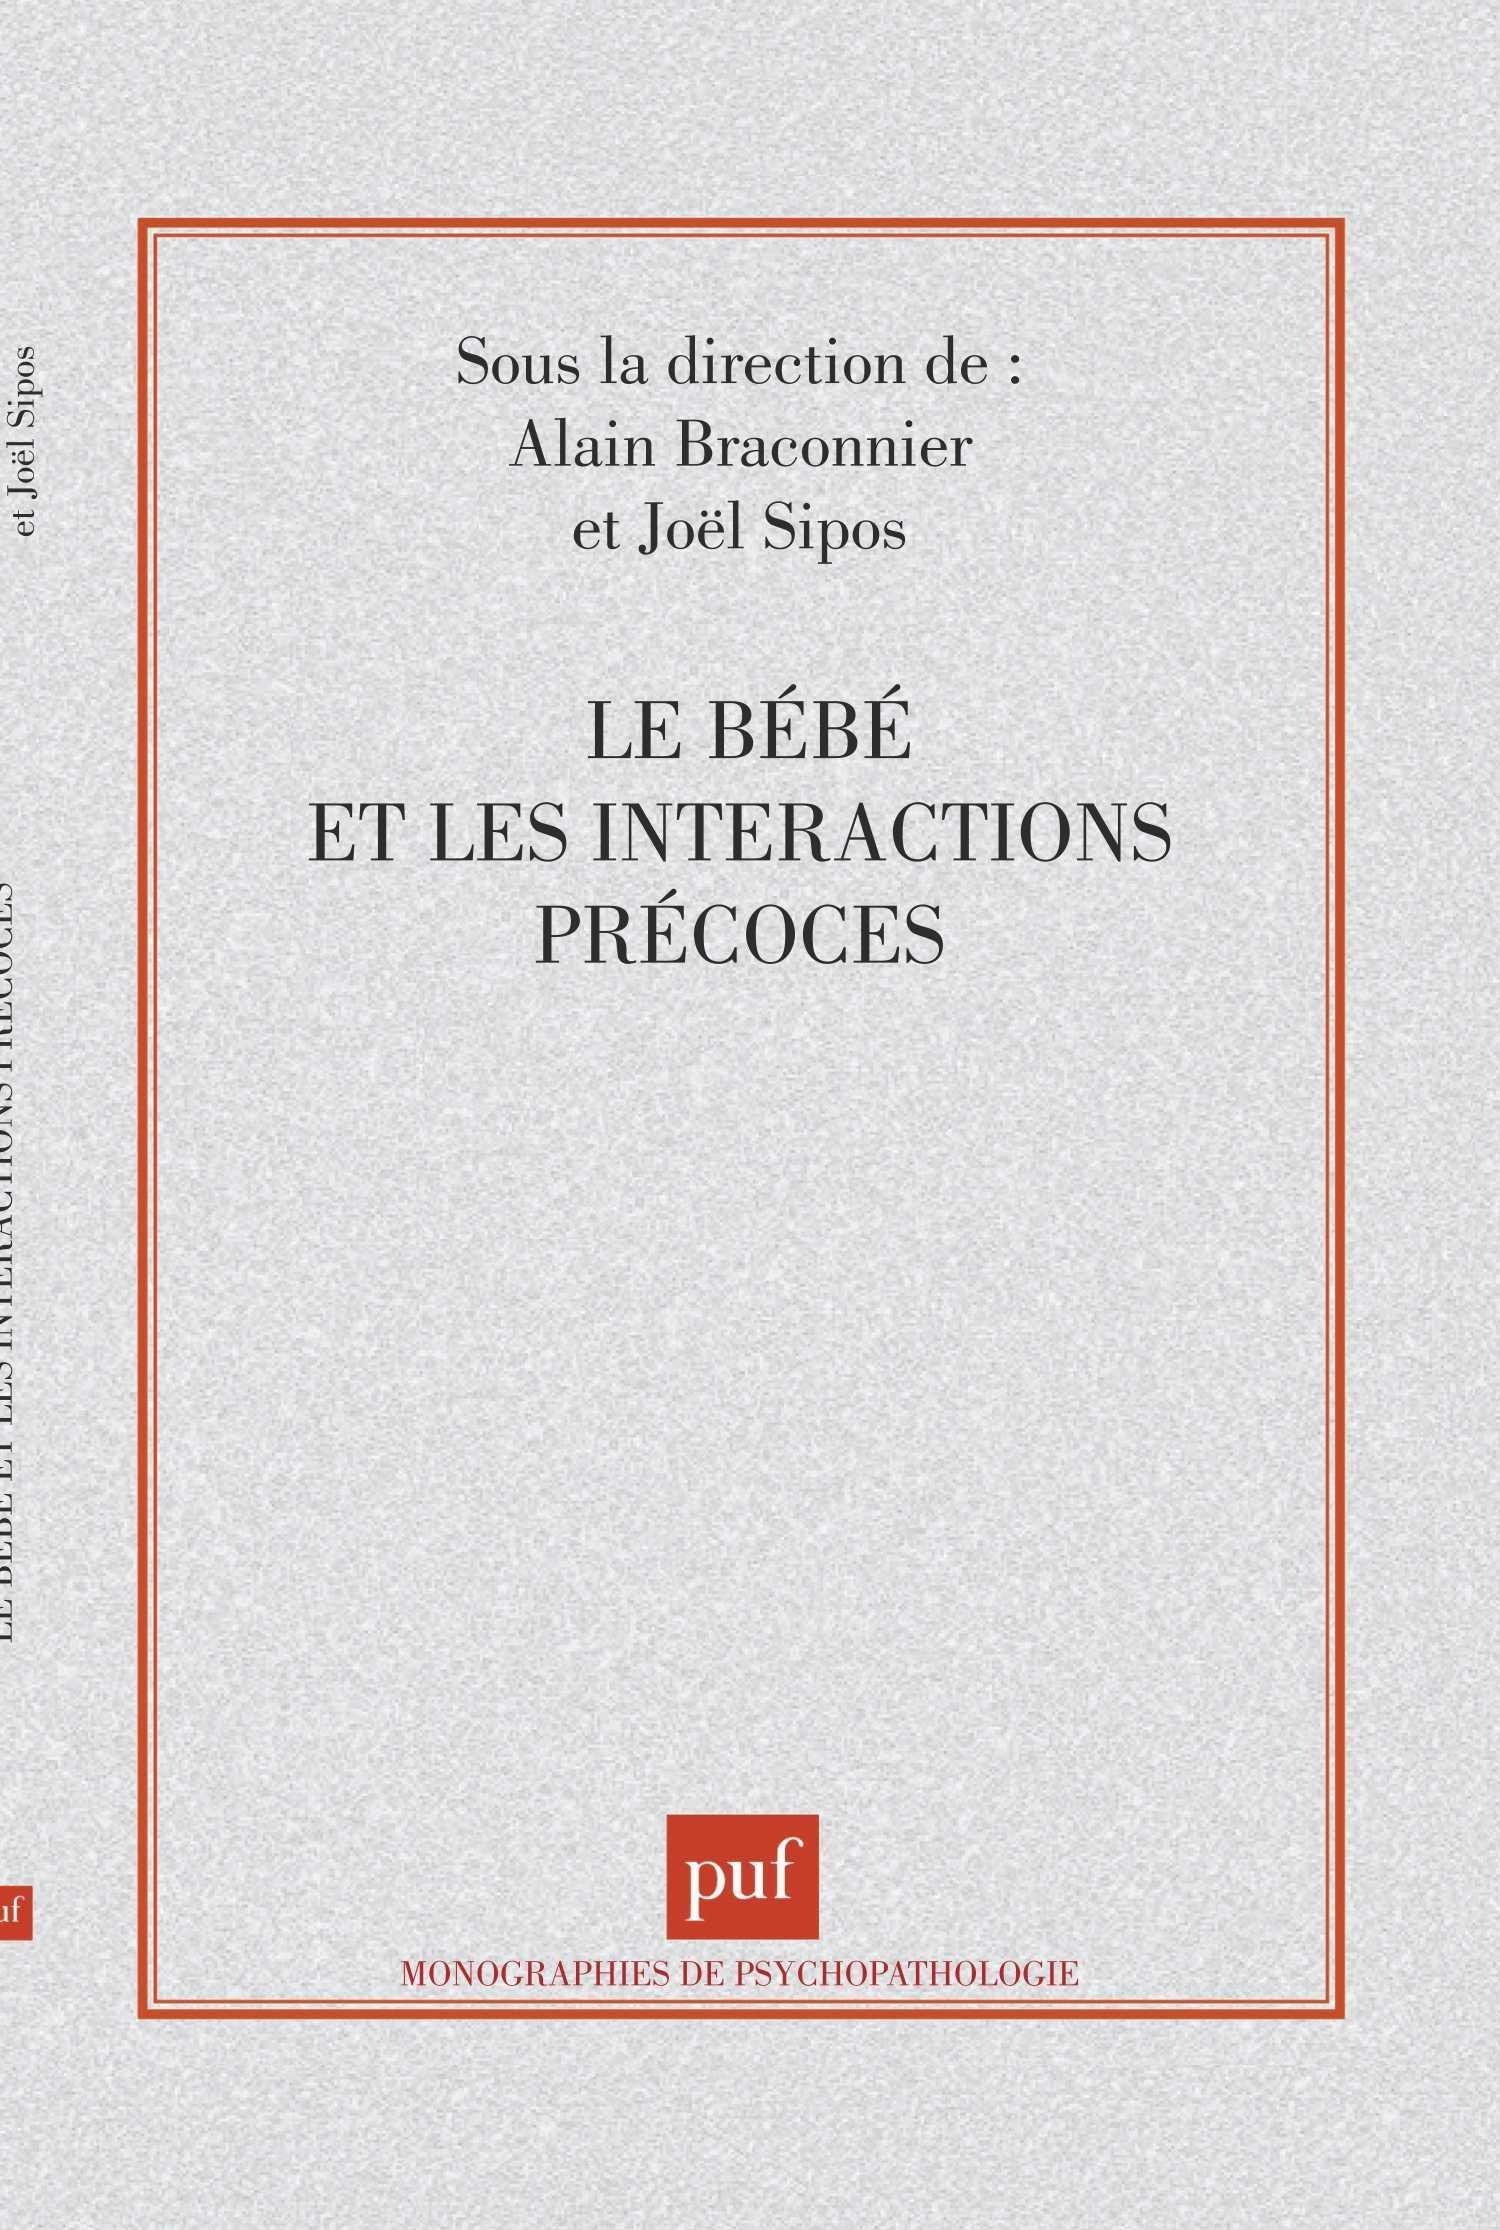 Le bébé et les interactions précoces Broché – 1 avril 1998 Joël Sipos Alain Braconnier 2130492584 Université - Psychologie